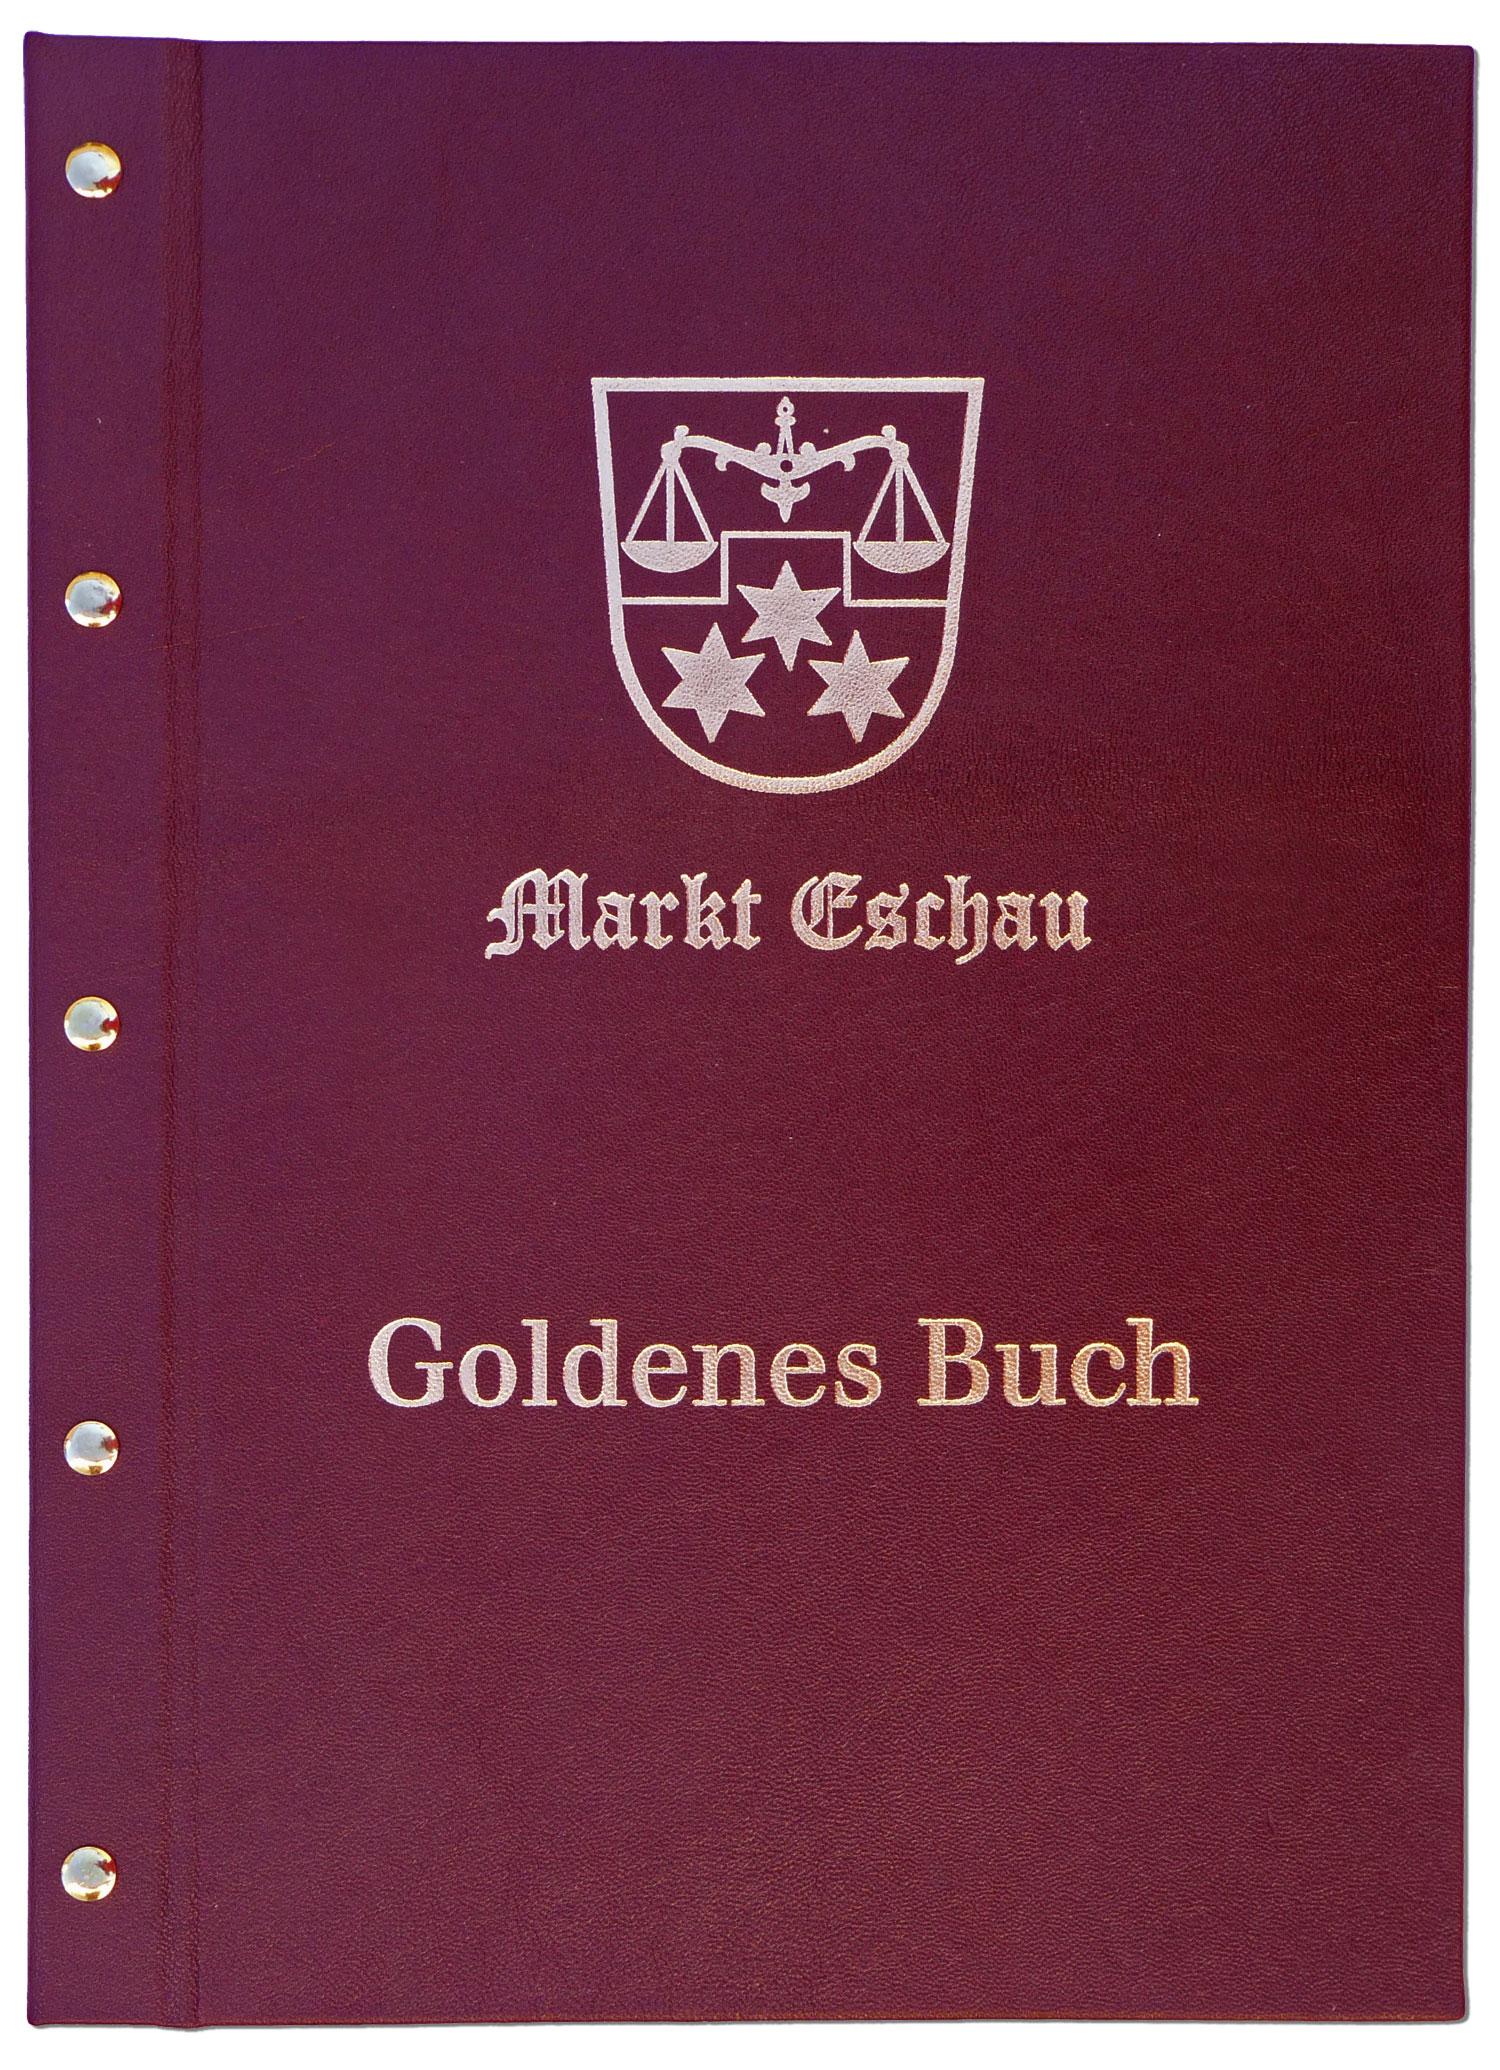 Goldenes Buch, geschraubt